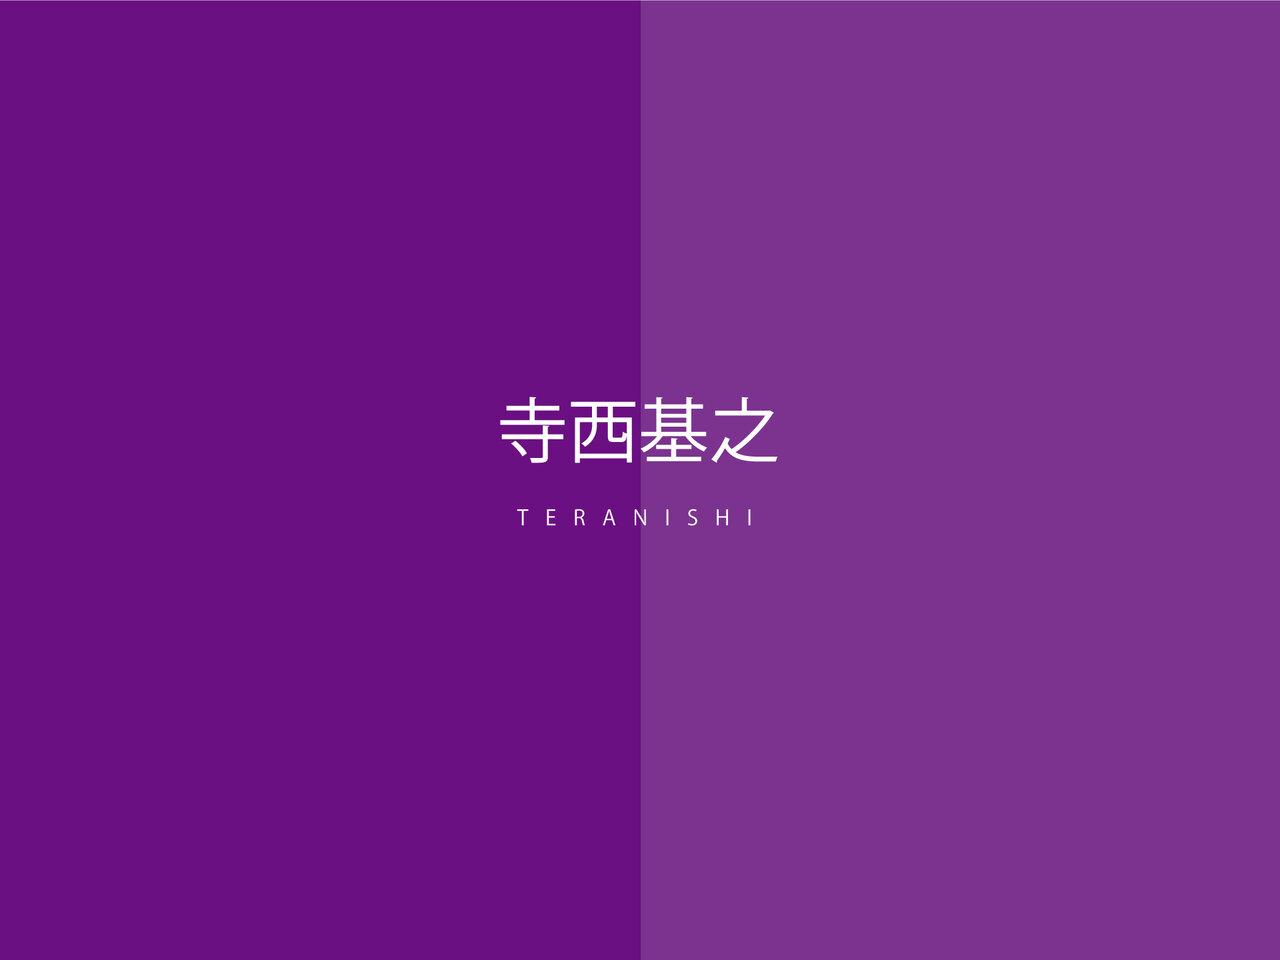 鈴木雅明が振るロマン派の傑作オラトリオ